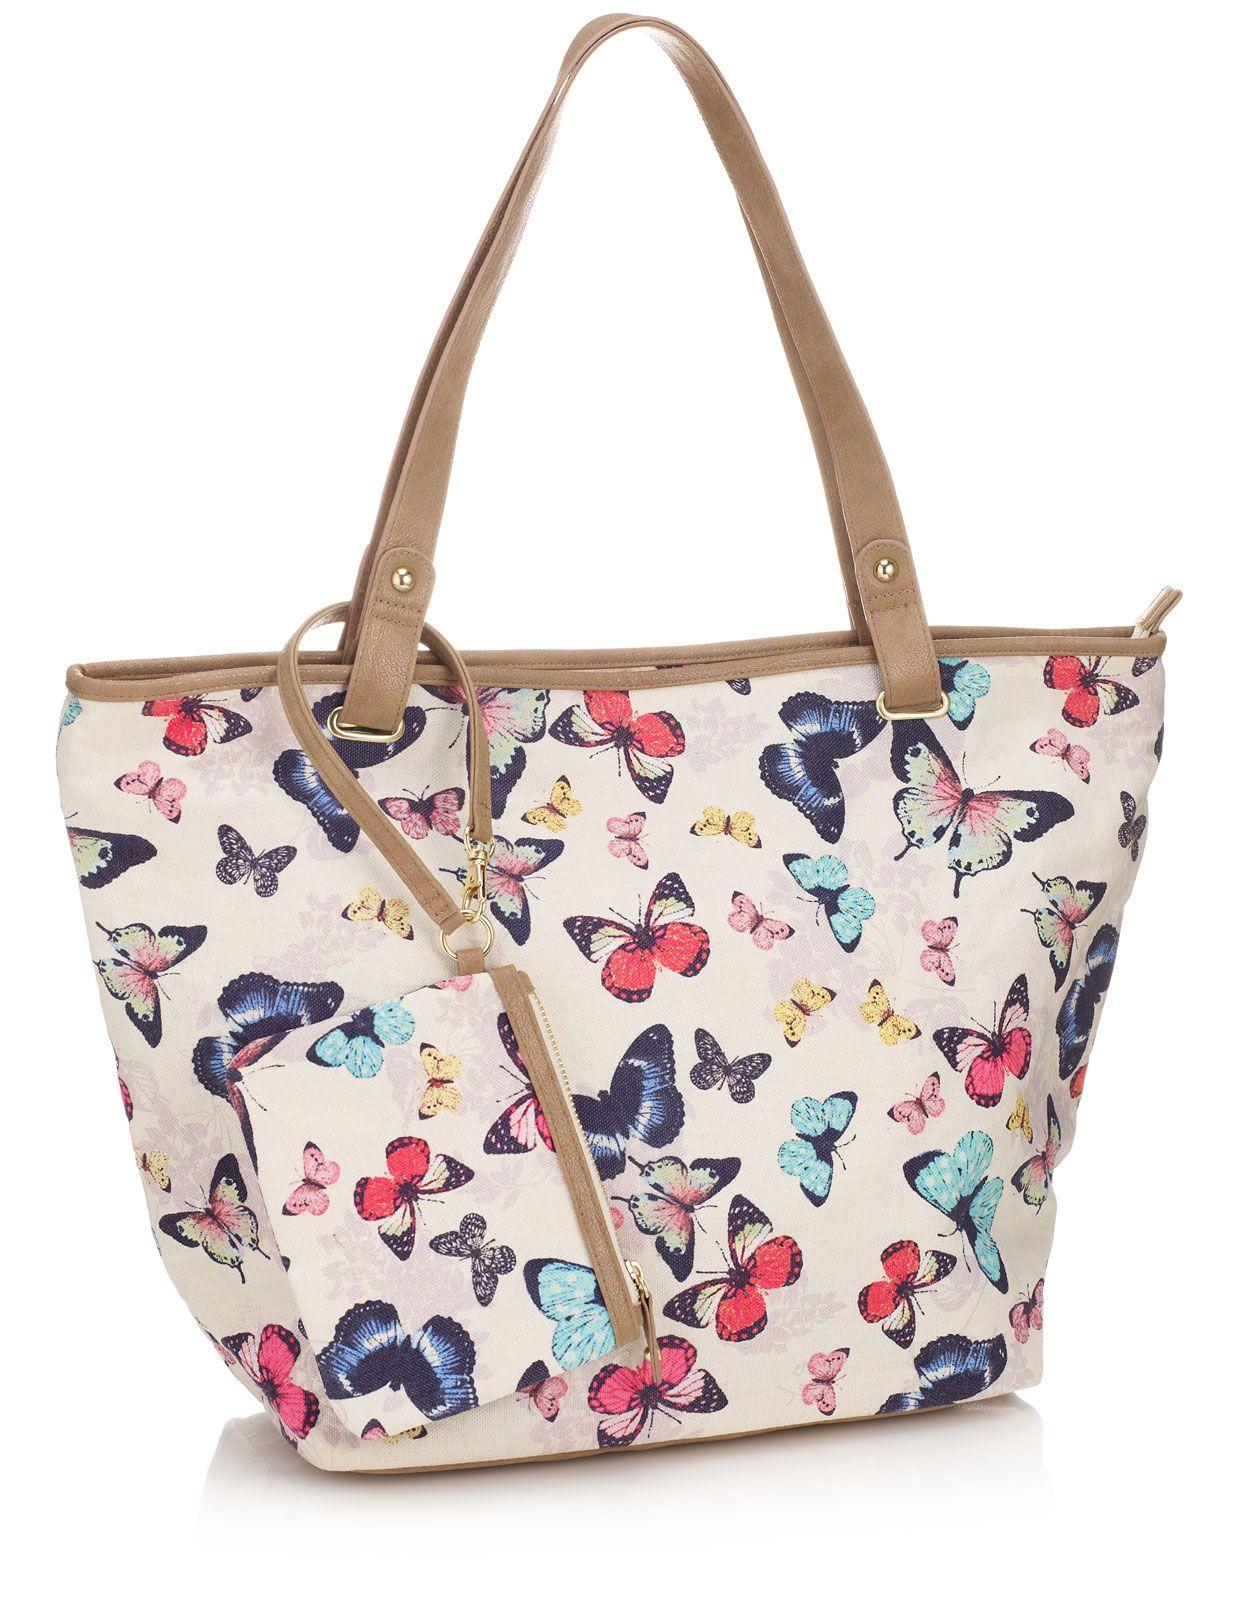 Erfly Bloom Shoulder Bag Multi Accessorize